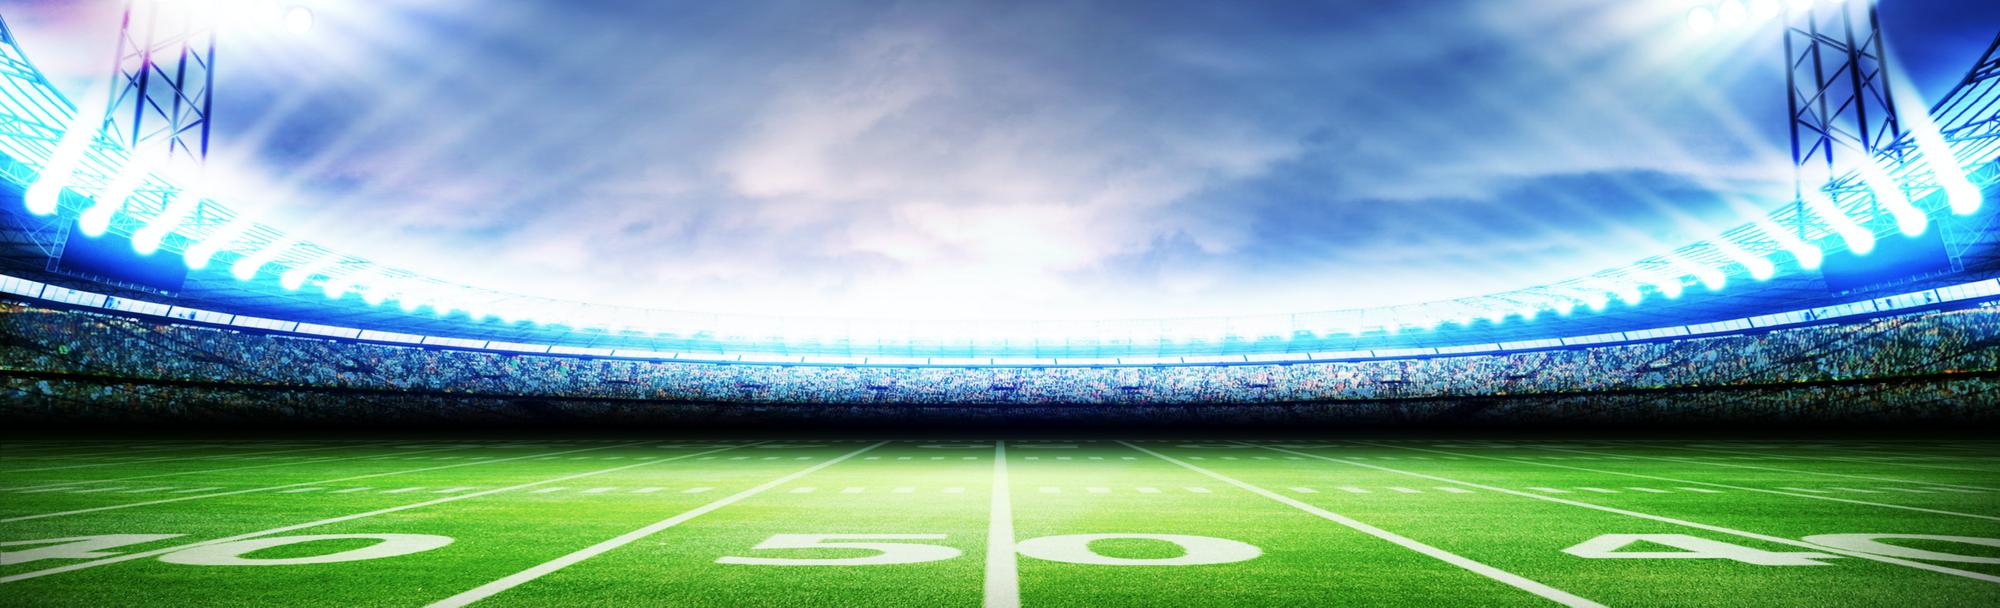 Design patterns for realtime fantasy sports app developers